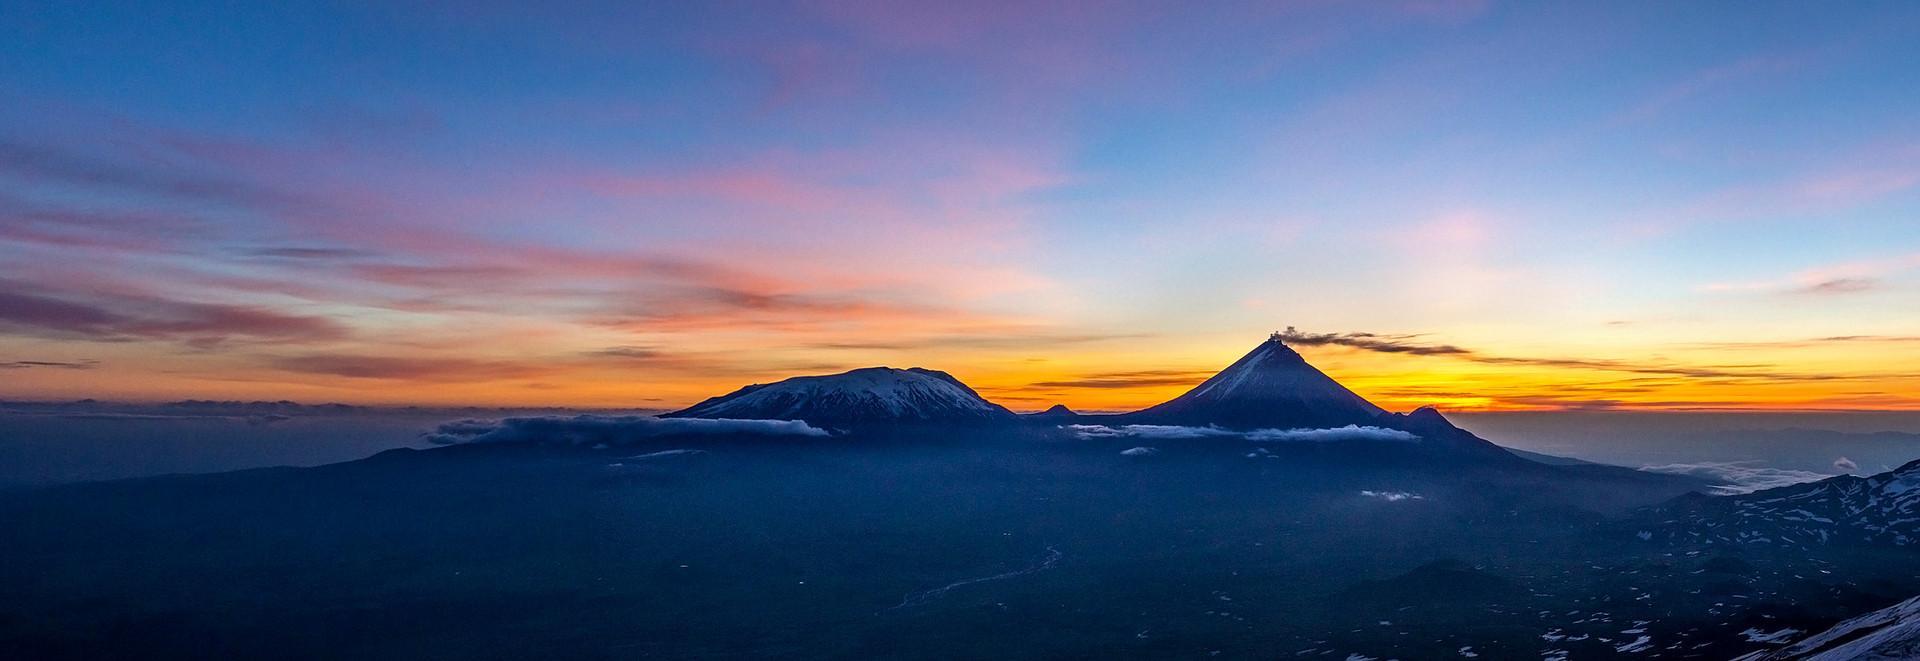 Tolbachik_sunrise_natgeo.jpg